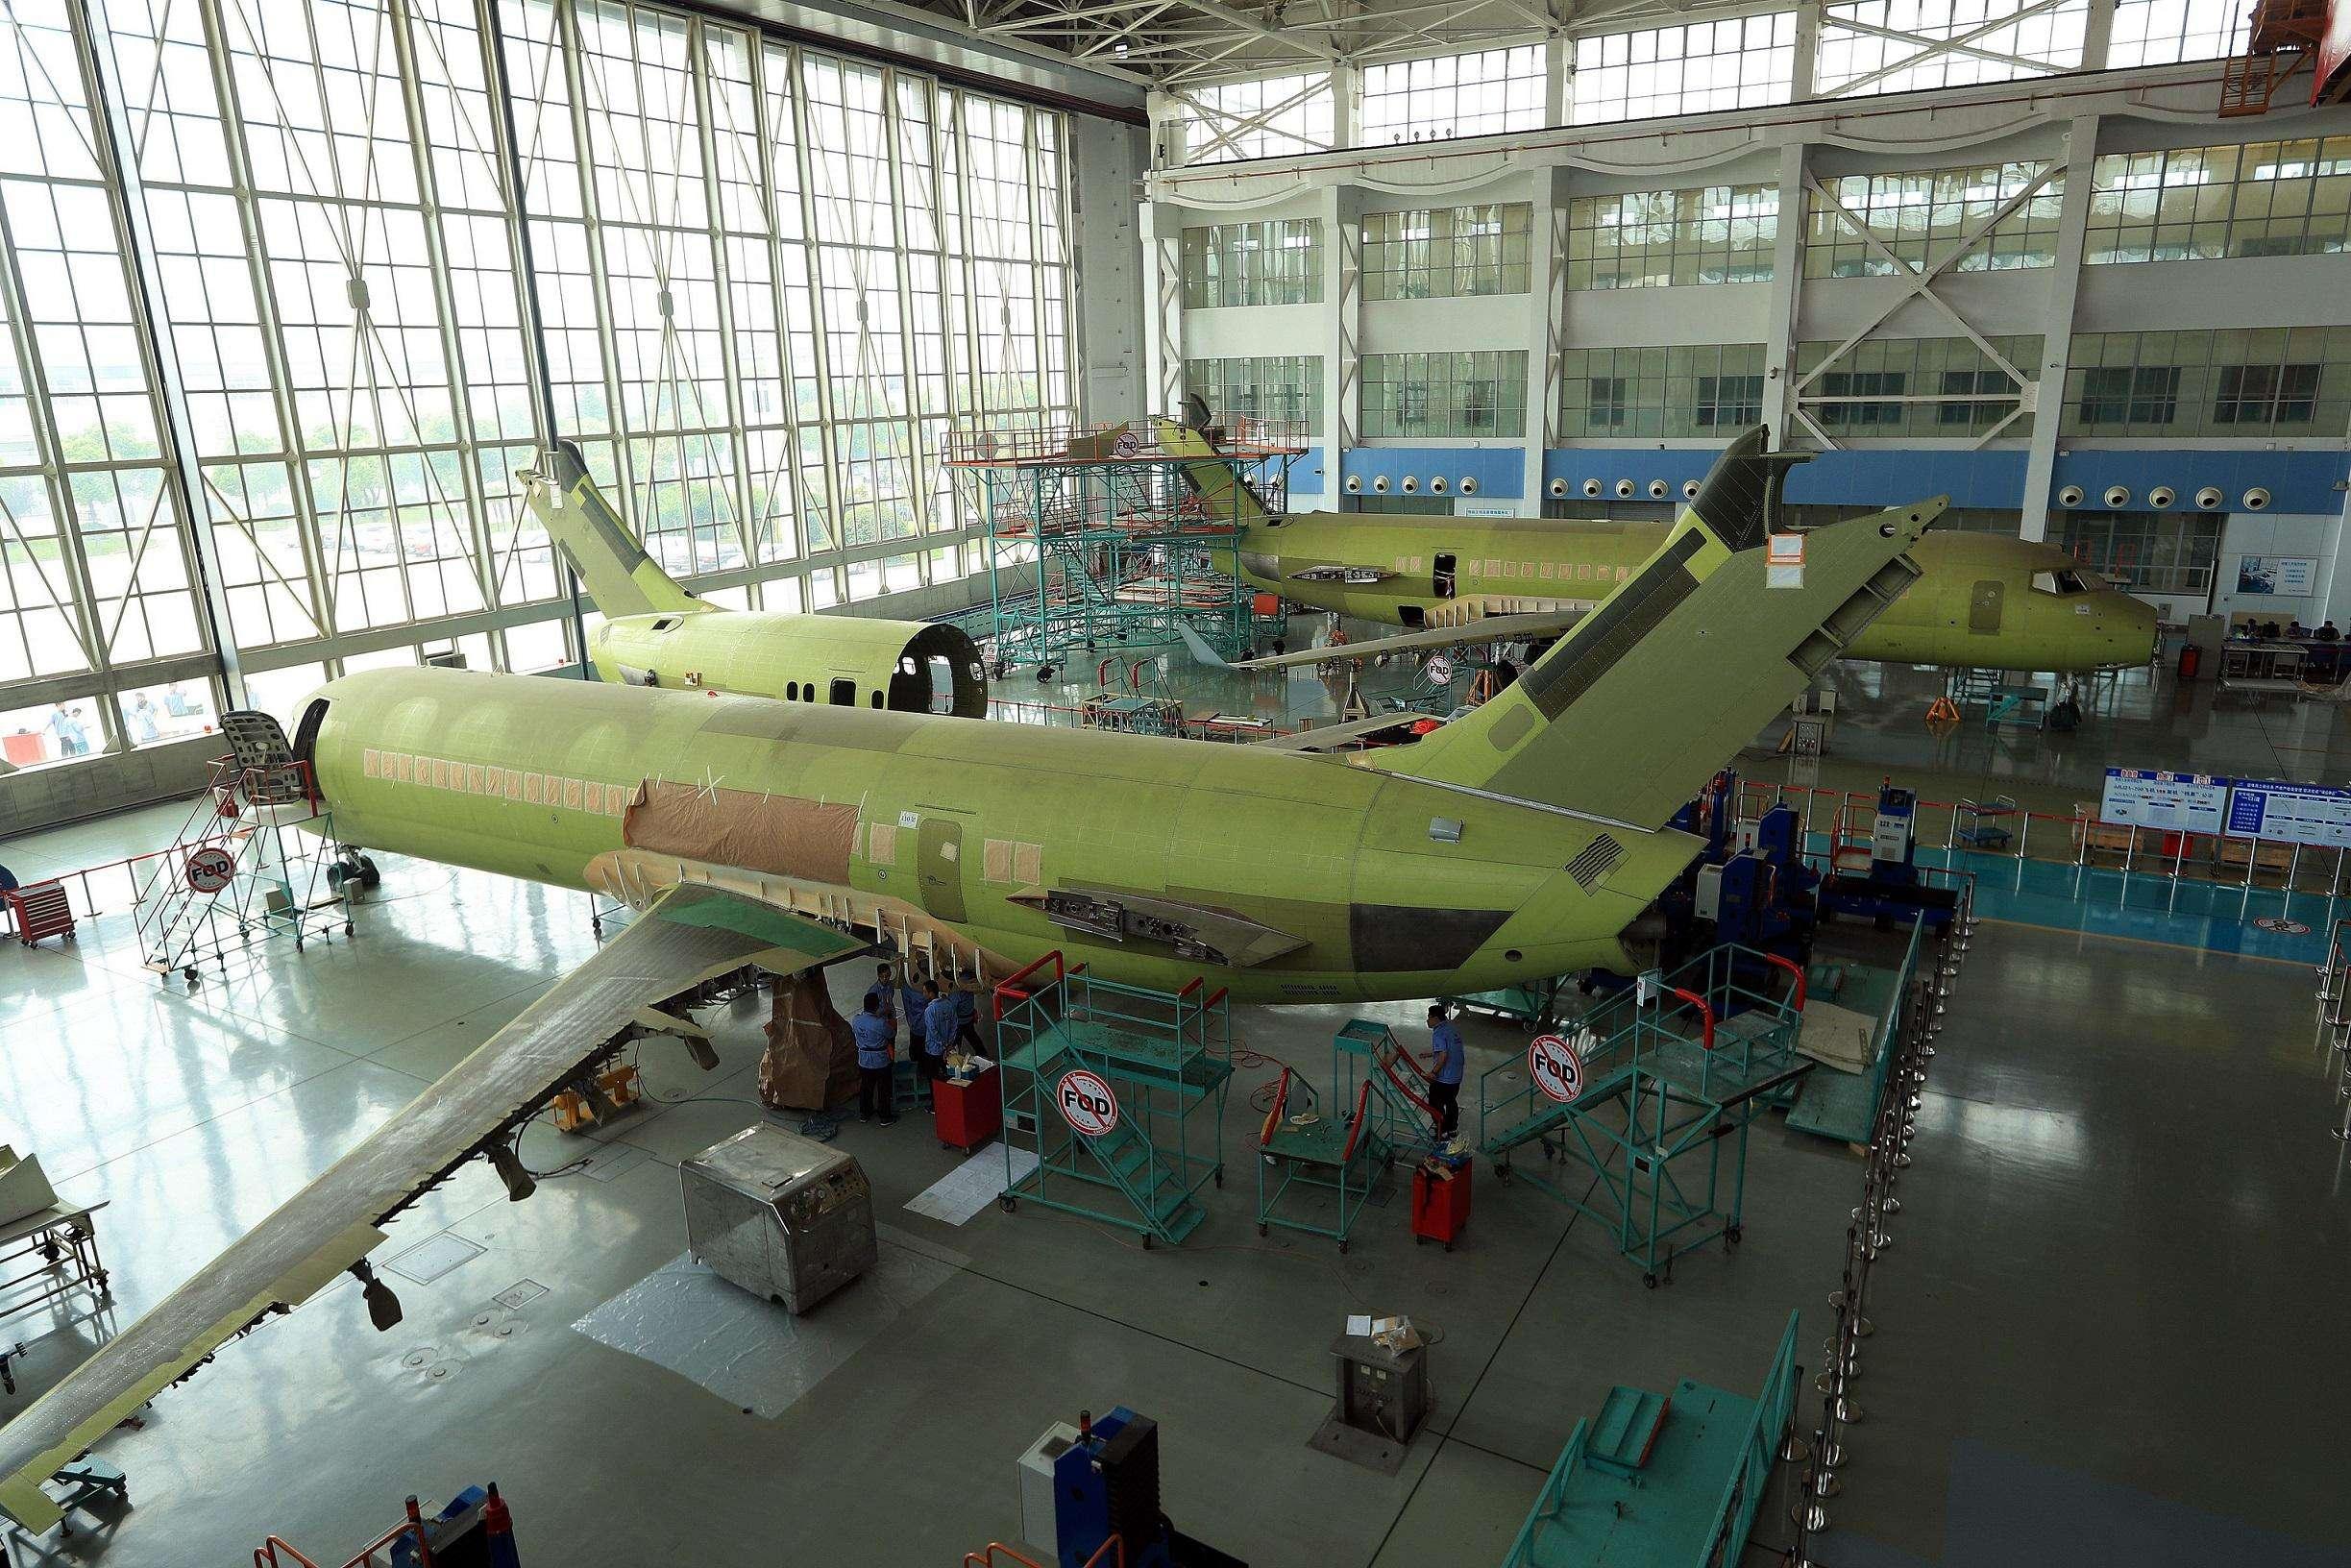 上海飞机制造厂